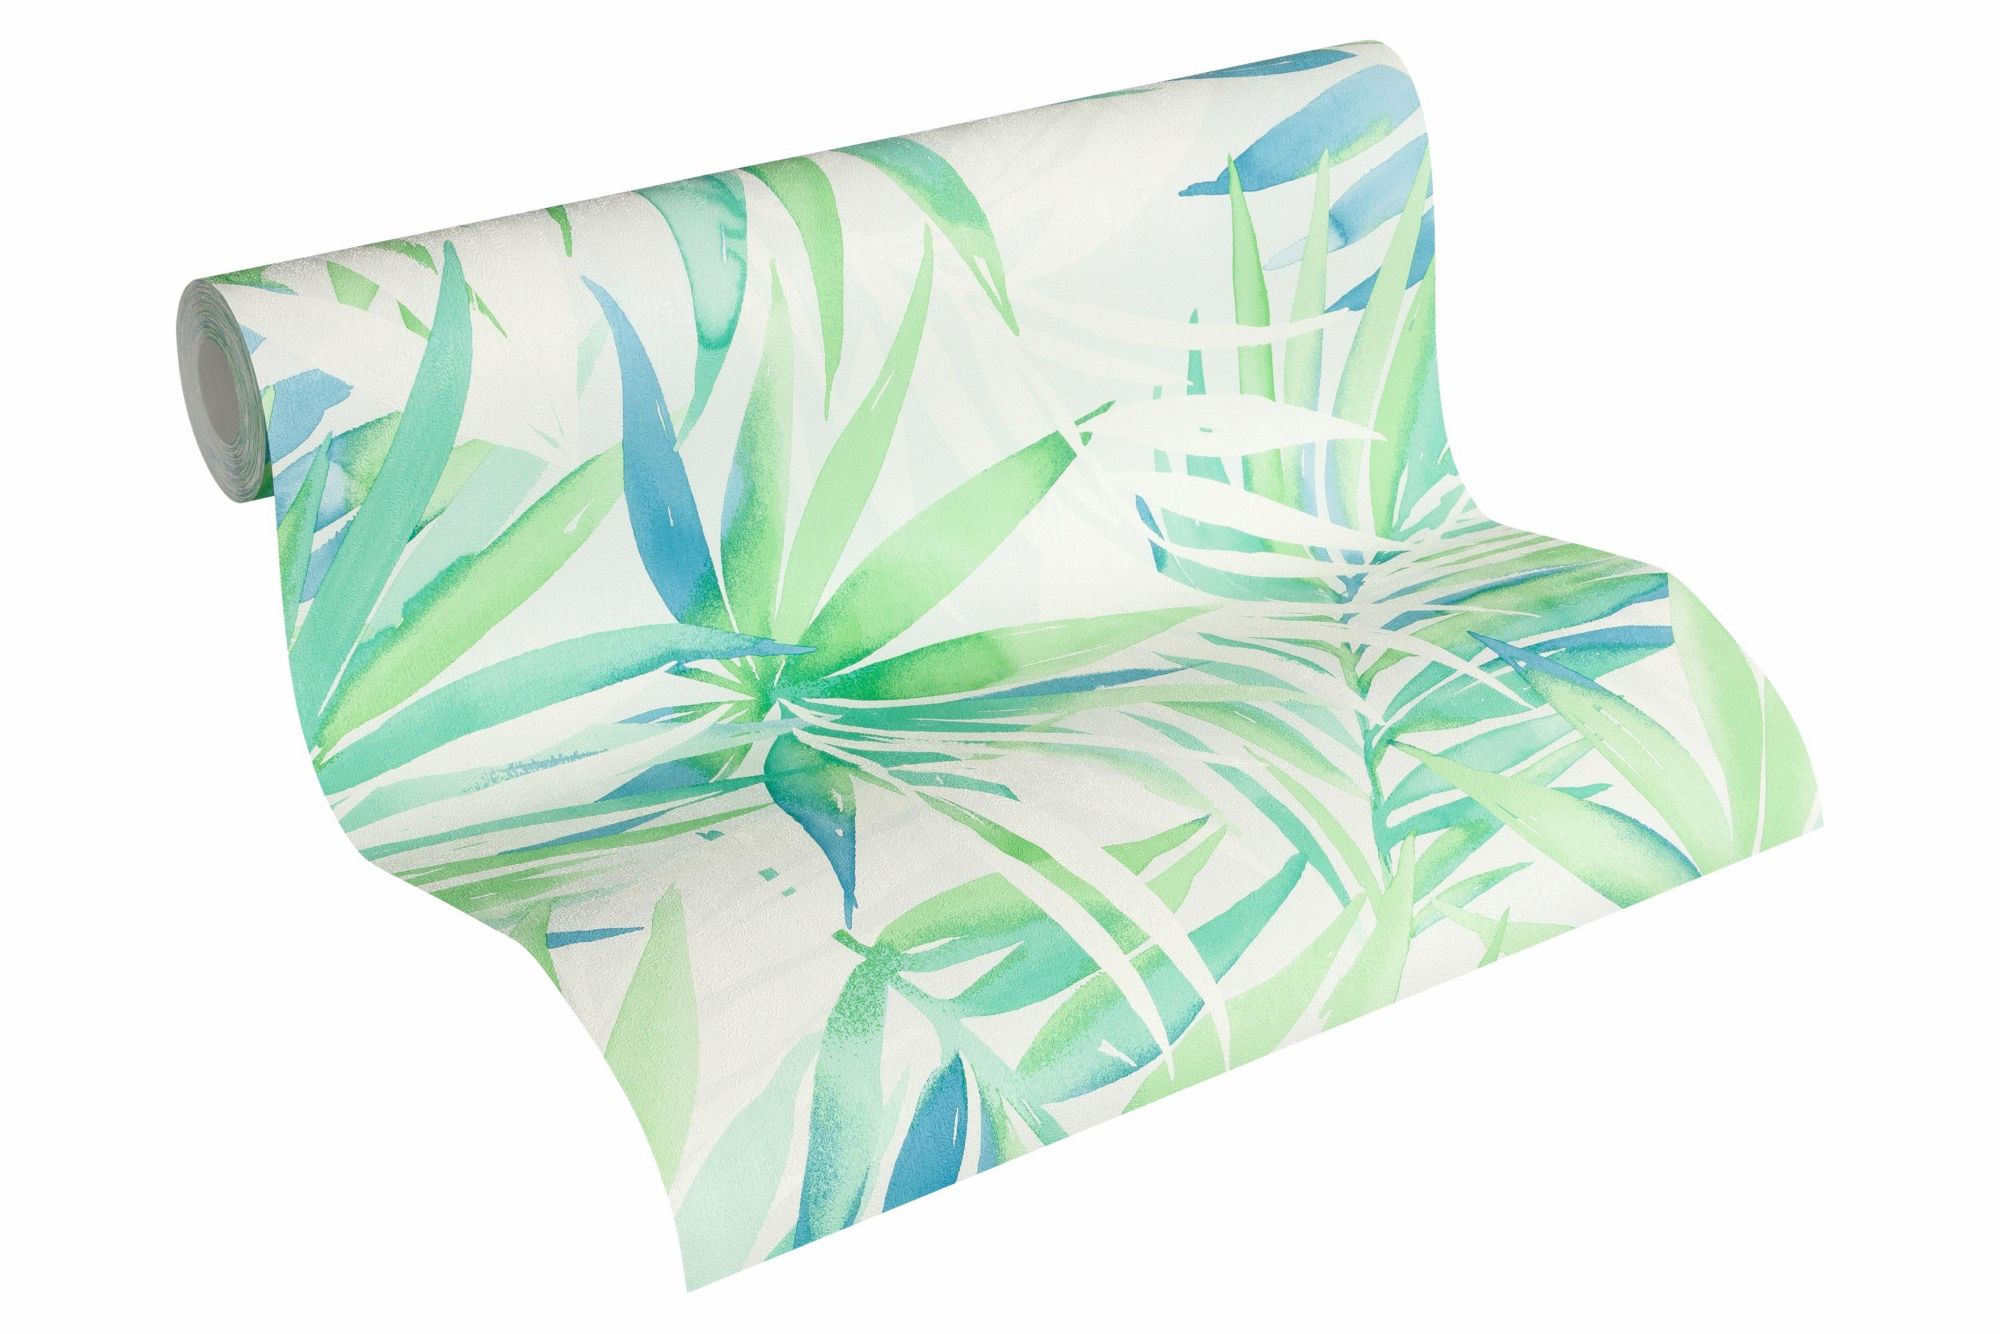 DESIGNDSCHUNGEL BY LAURA N Vliestapete, »Tapete mit Palmenprint Designdschungel by Laura N.«, weißgrün, pastelltürkis, weiß, grauweiß